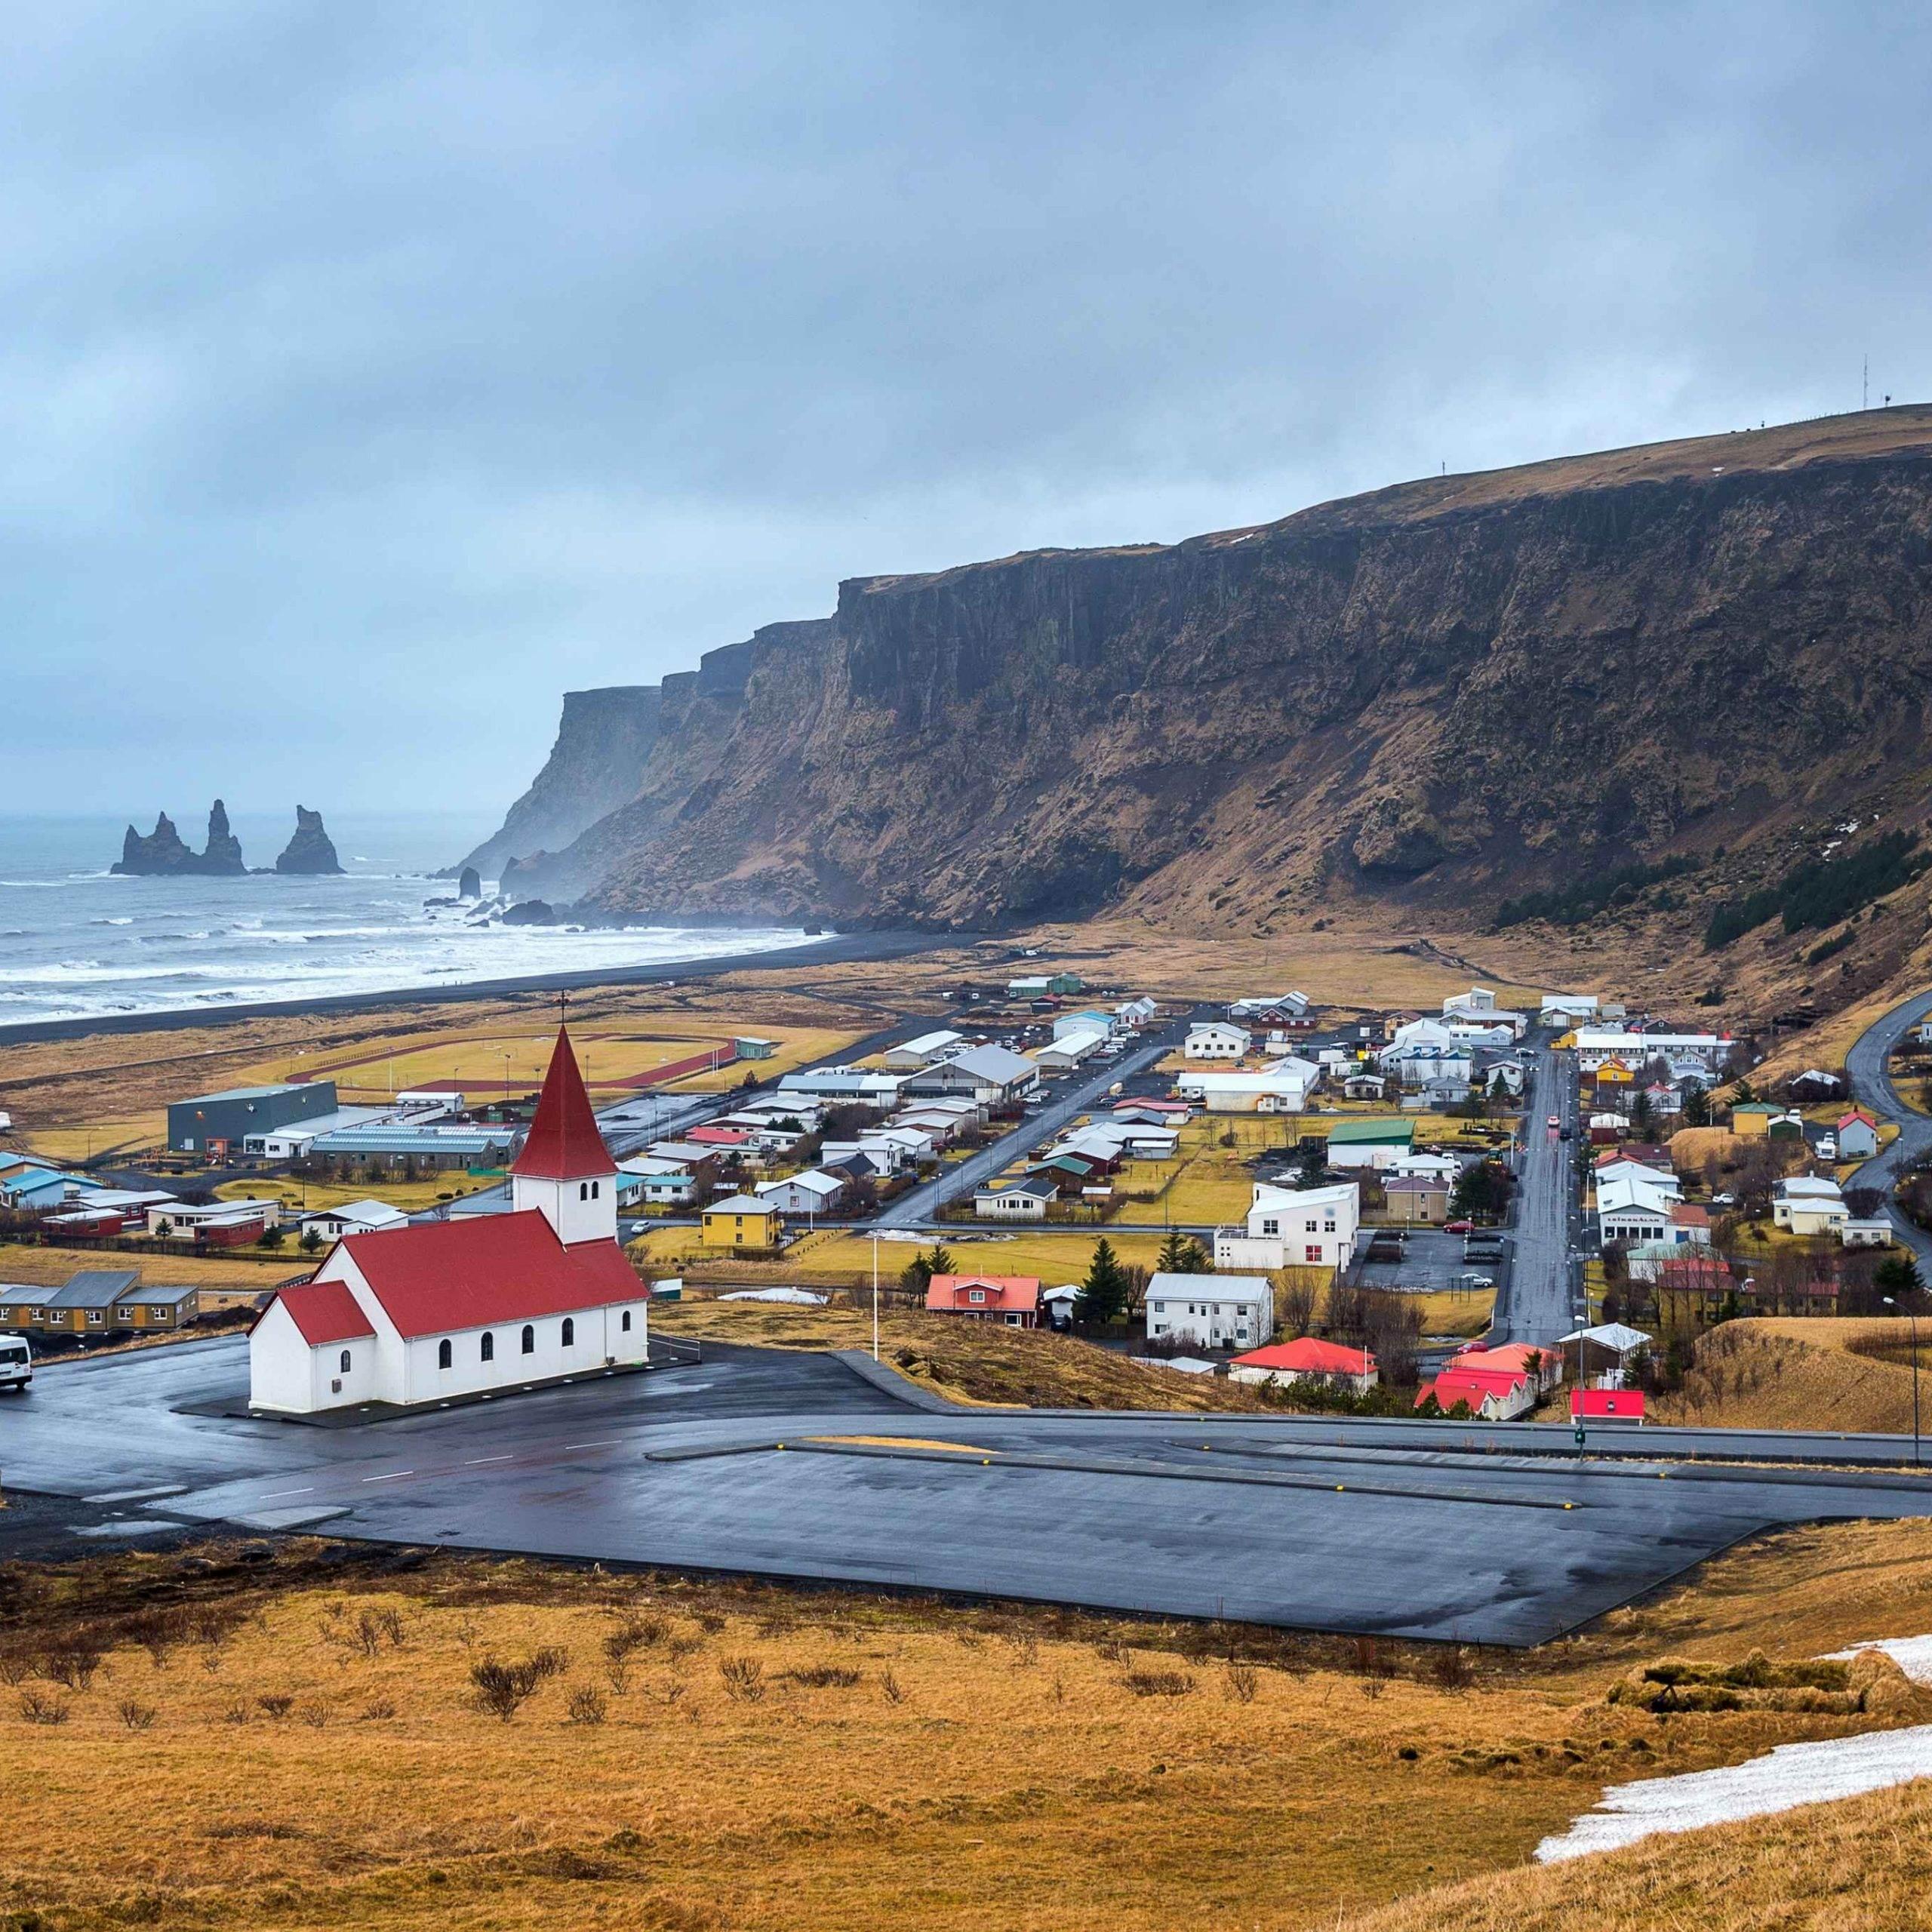 Islandia tiene una de las tasas de crímenes y homicidios más bajas del planeta. Por eso la desaparición de Birna movilizó a la capital de Islandia.